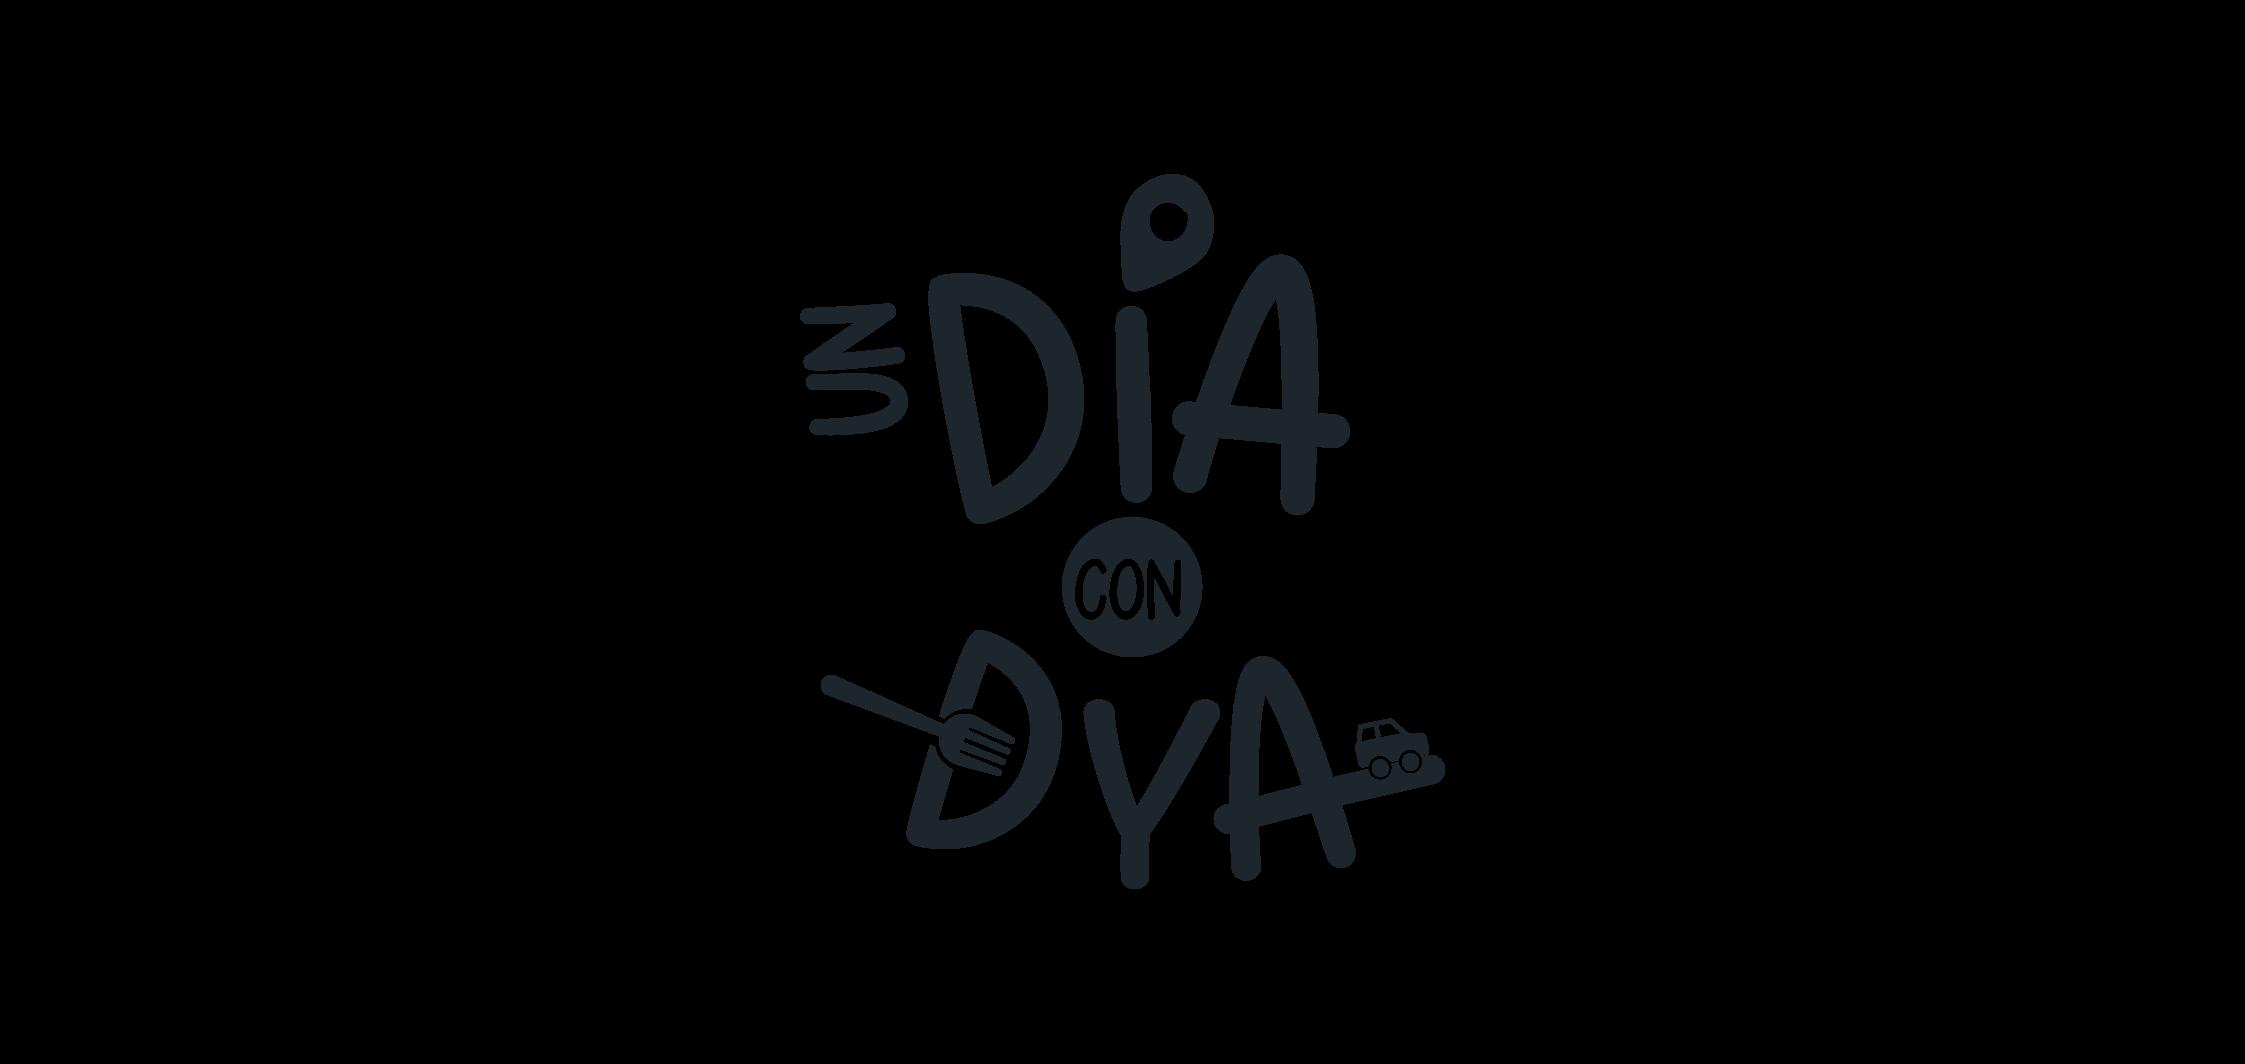 Un día con DyA